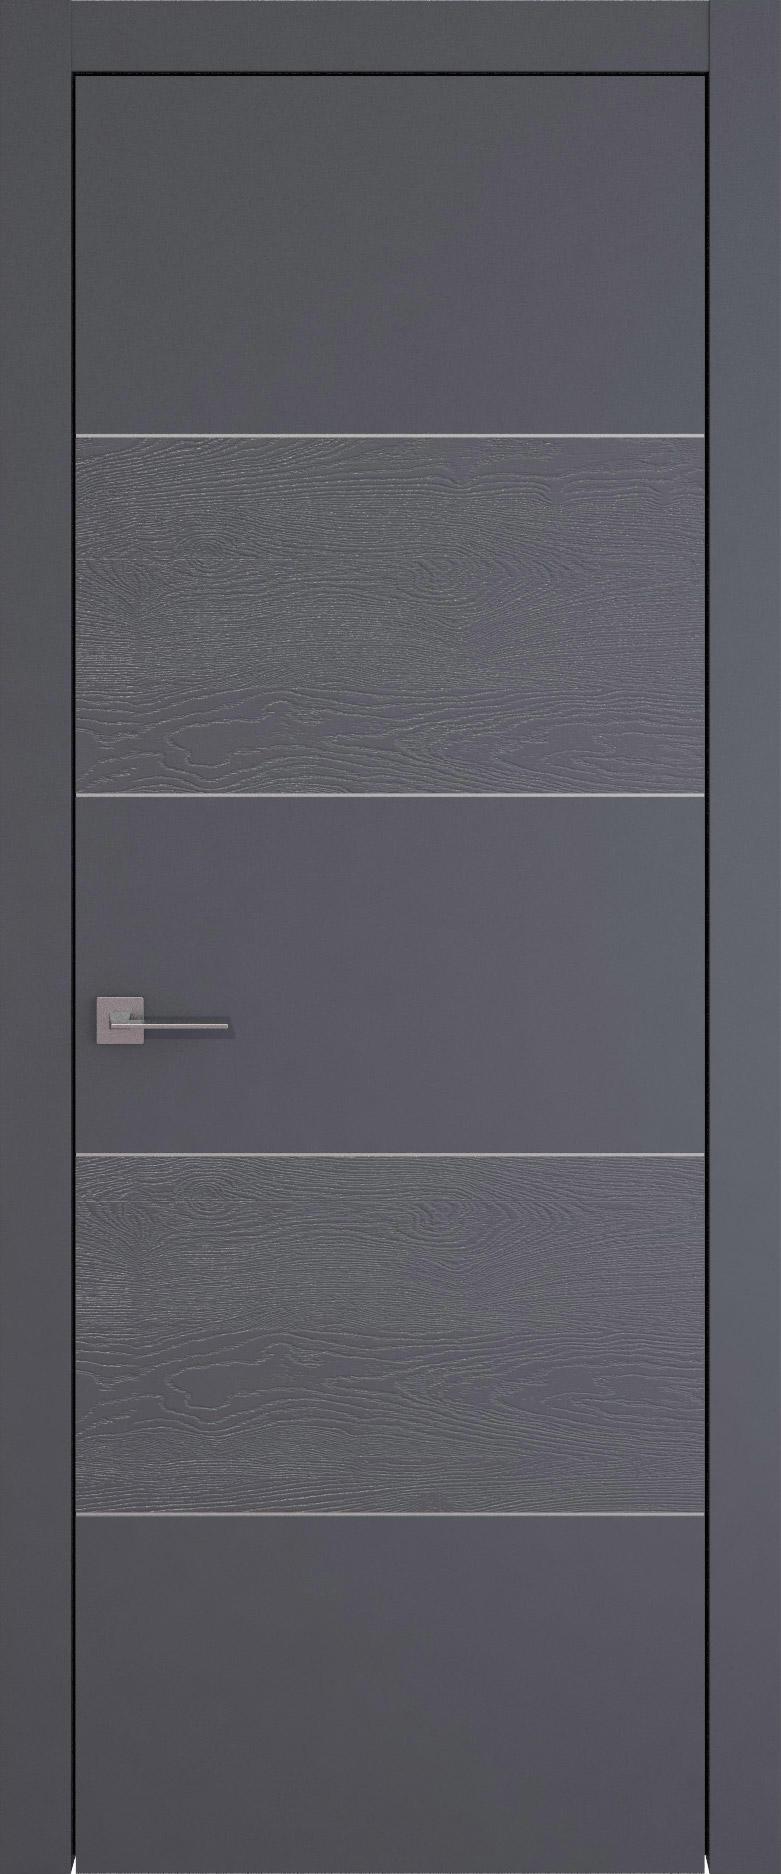 Tivoli Д-2 цвет - Графитово-серая эмаль-эмаль по шпону (RAL 7024) Без стекла (ДГ)